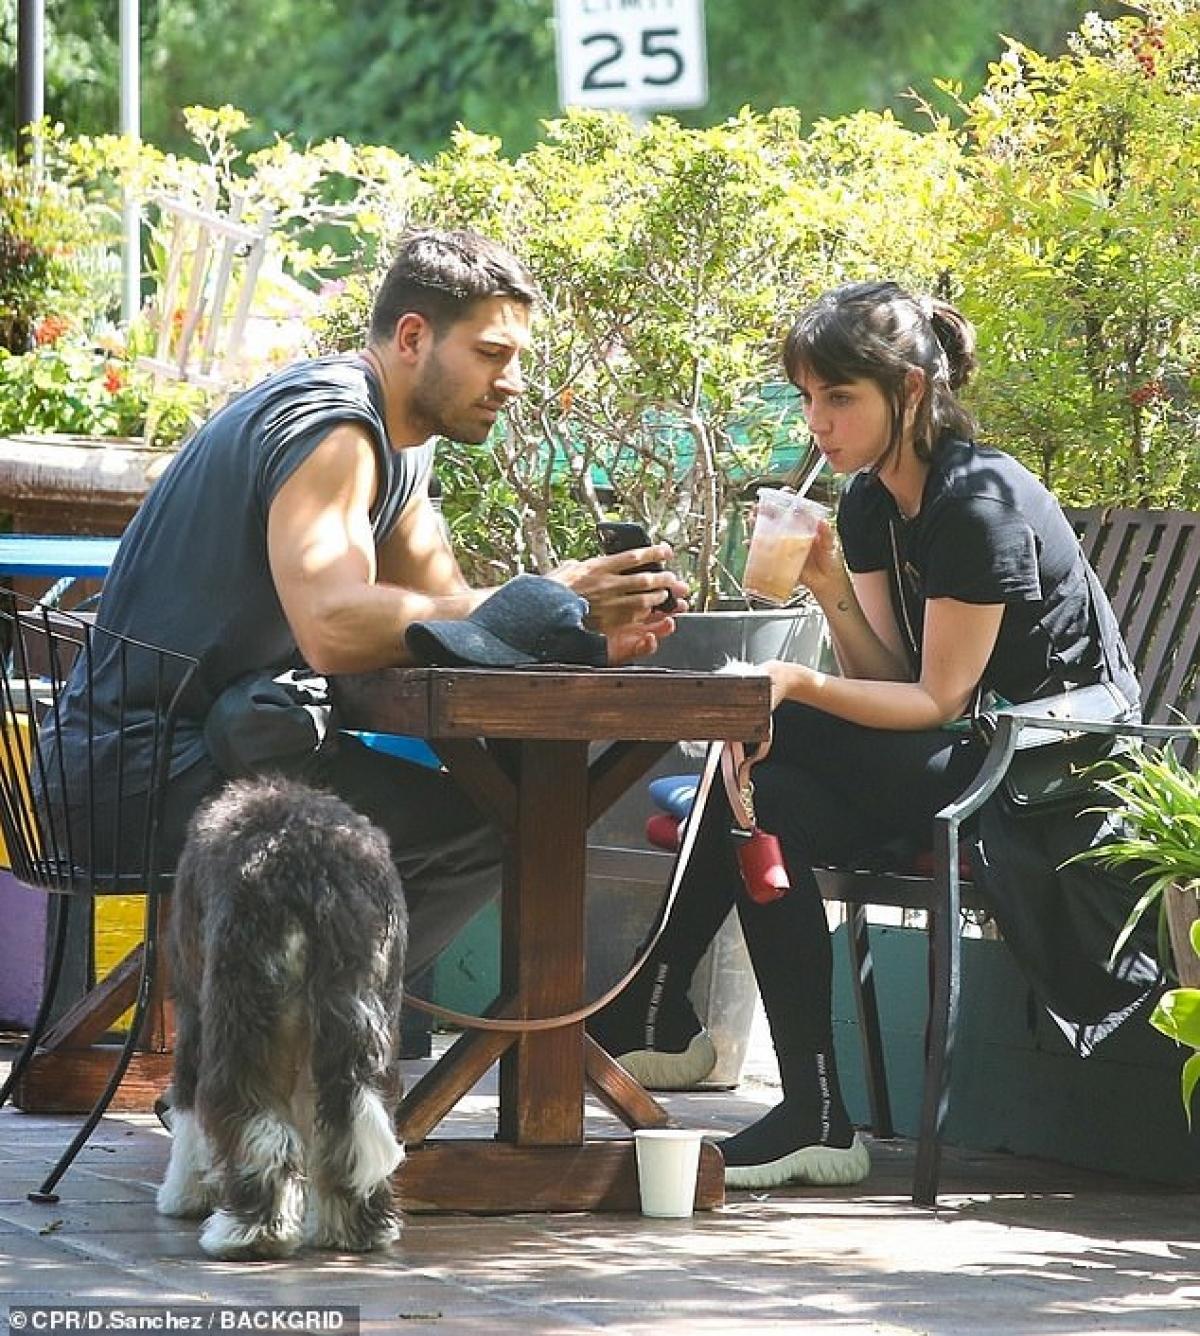 Sau đó, cả hai cùng ghé vào quán cafe thưởng thức đồ uống.